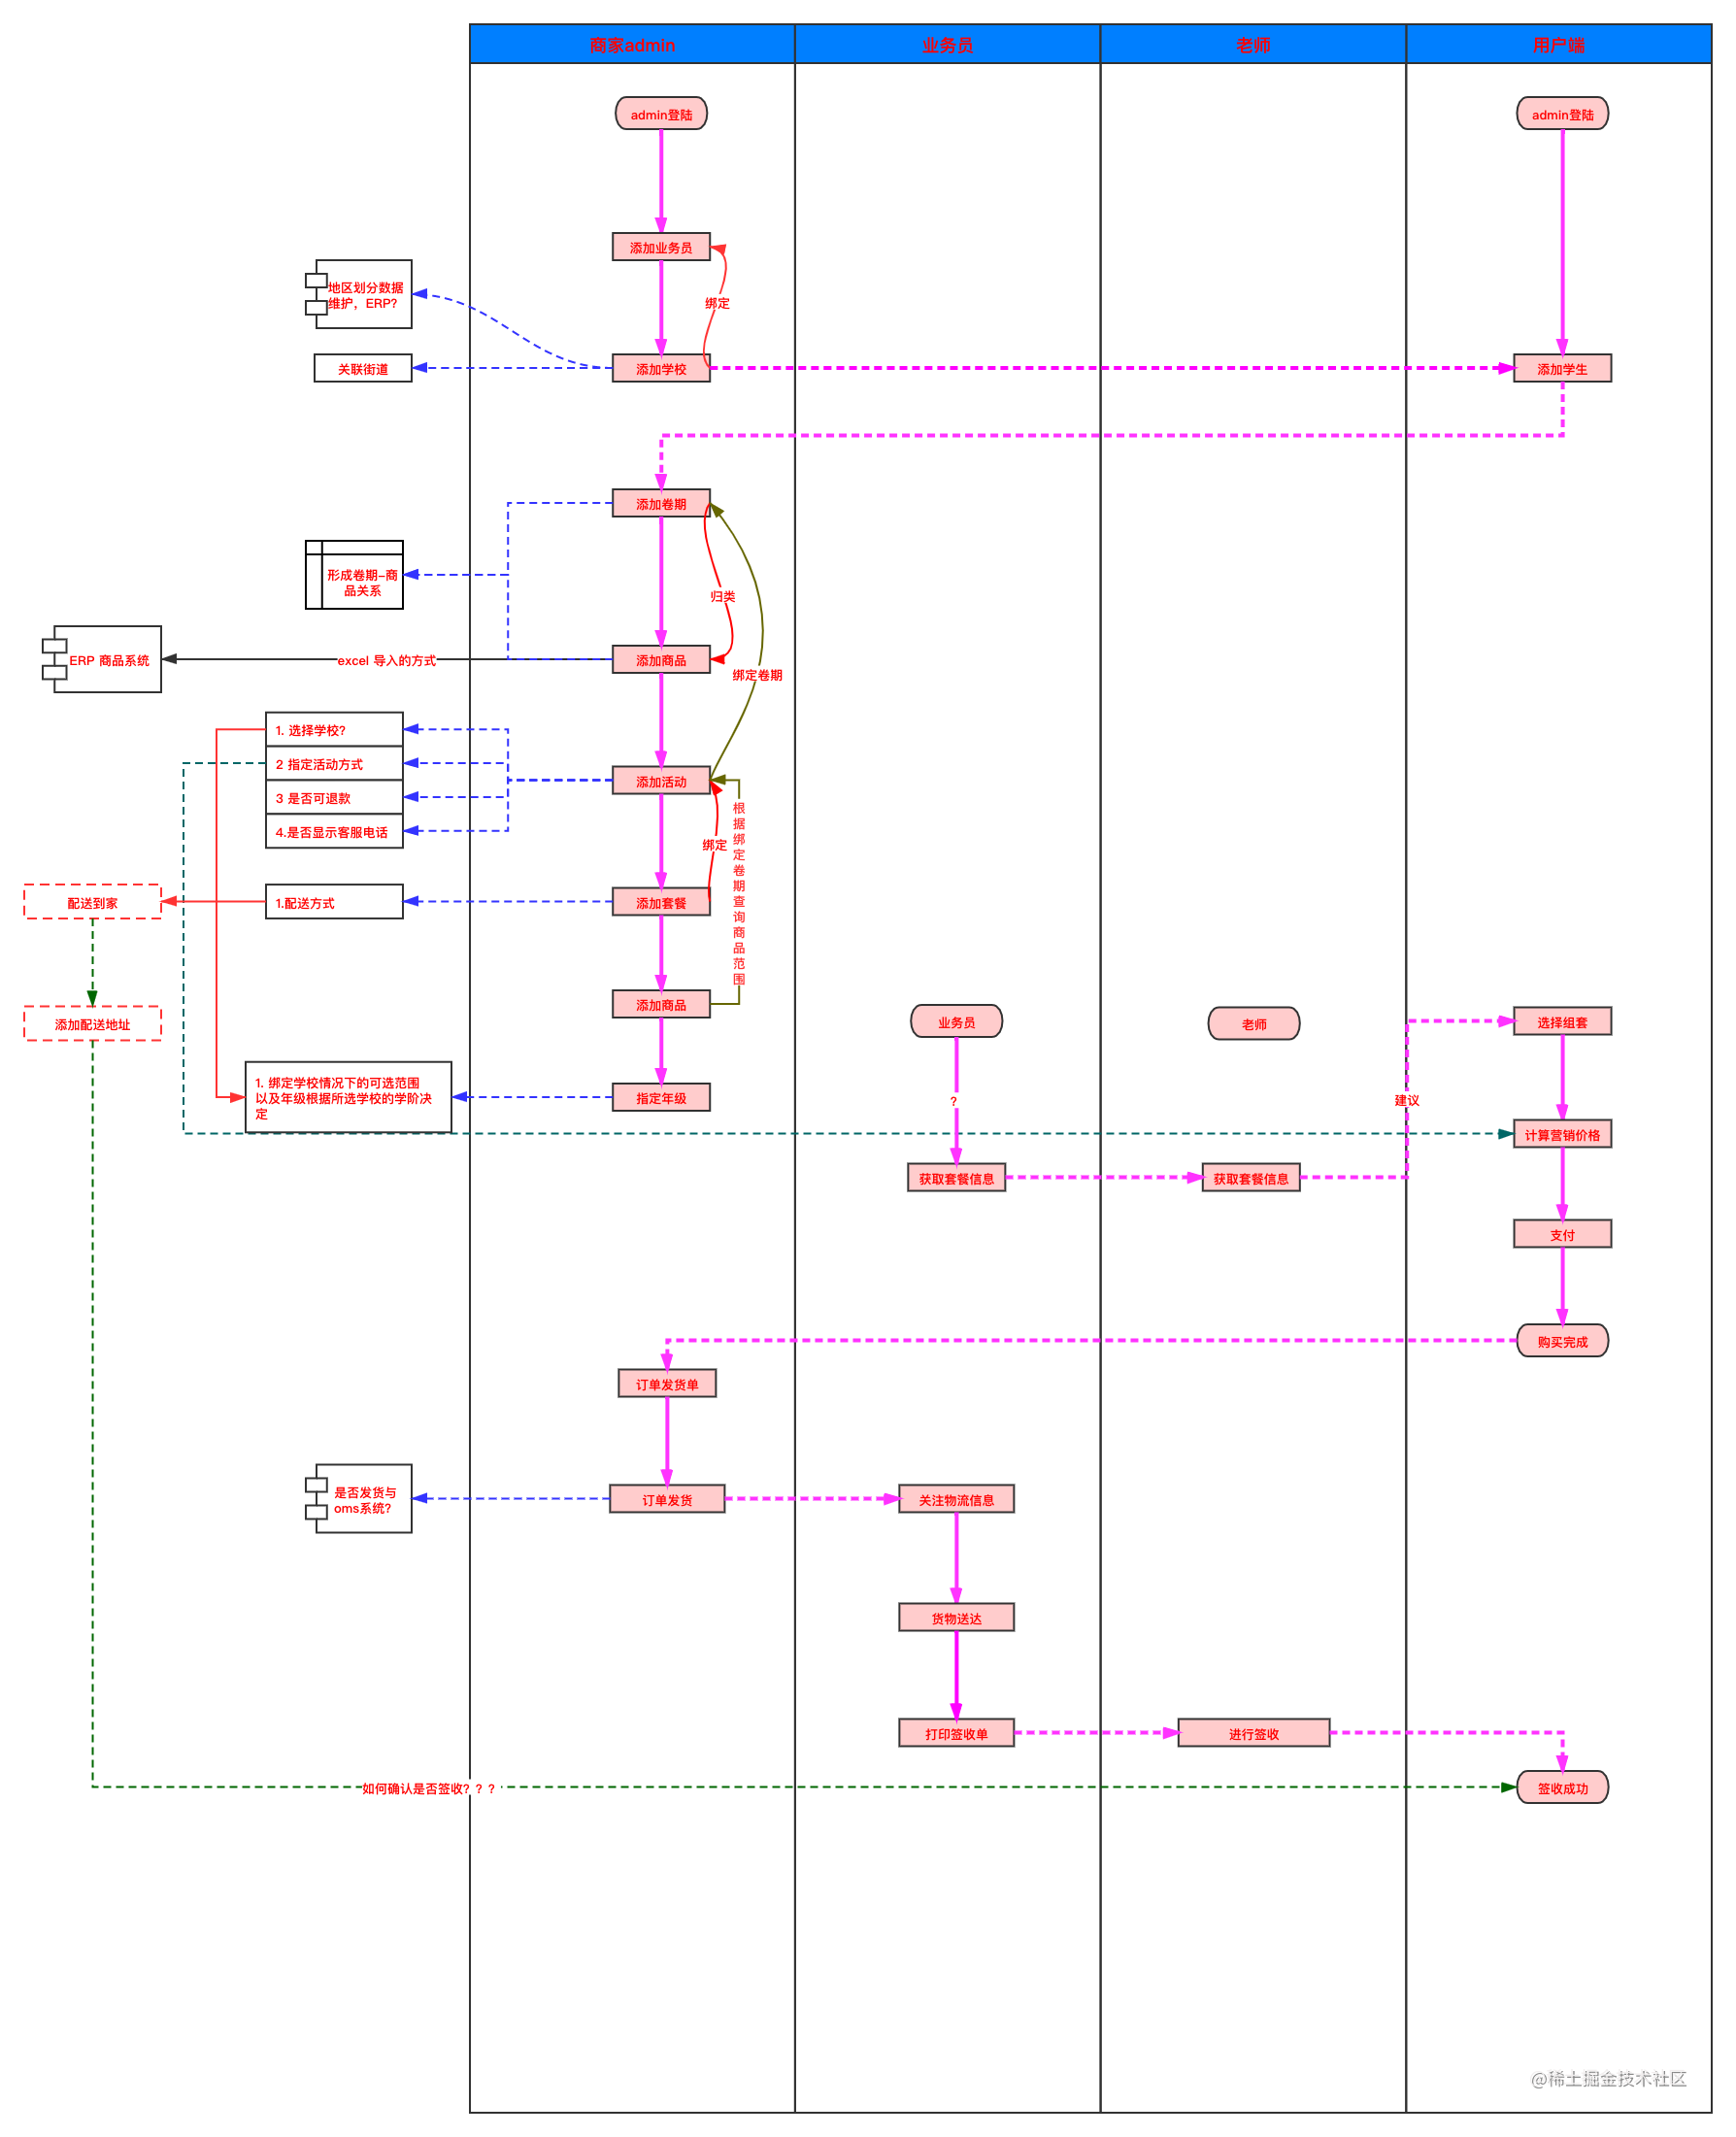 系统功能泳道图.png